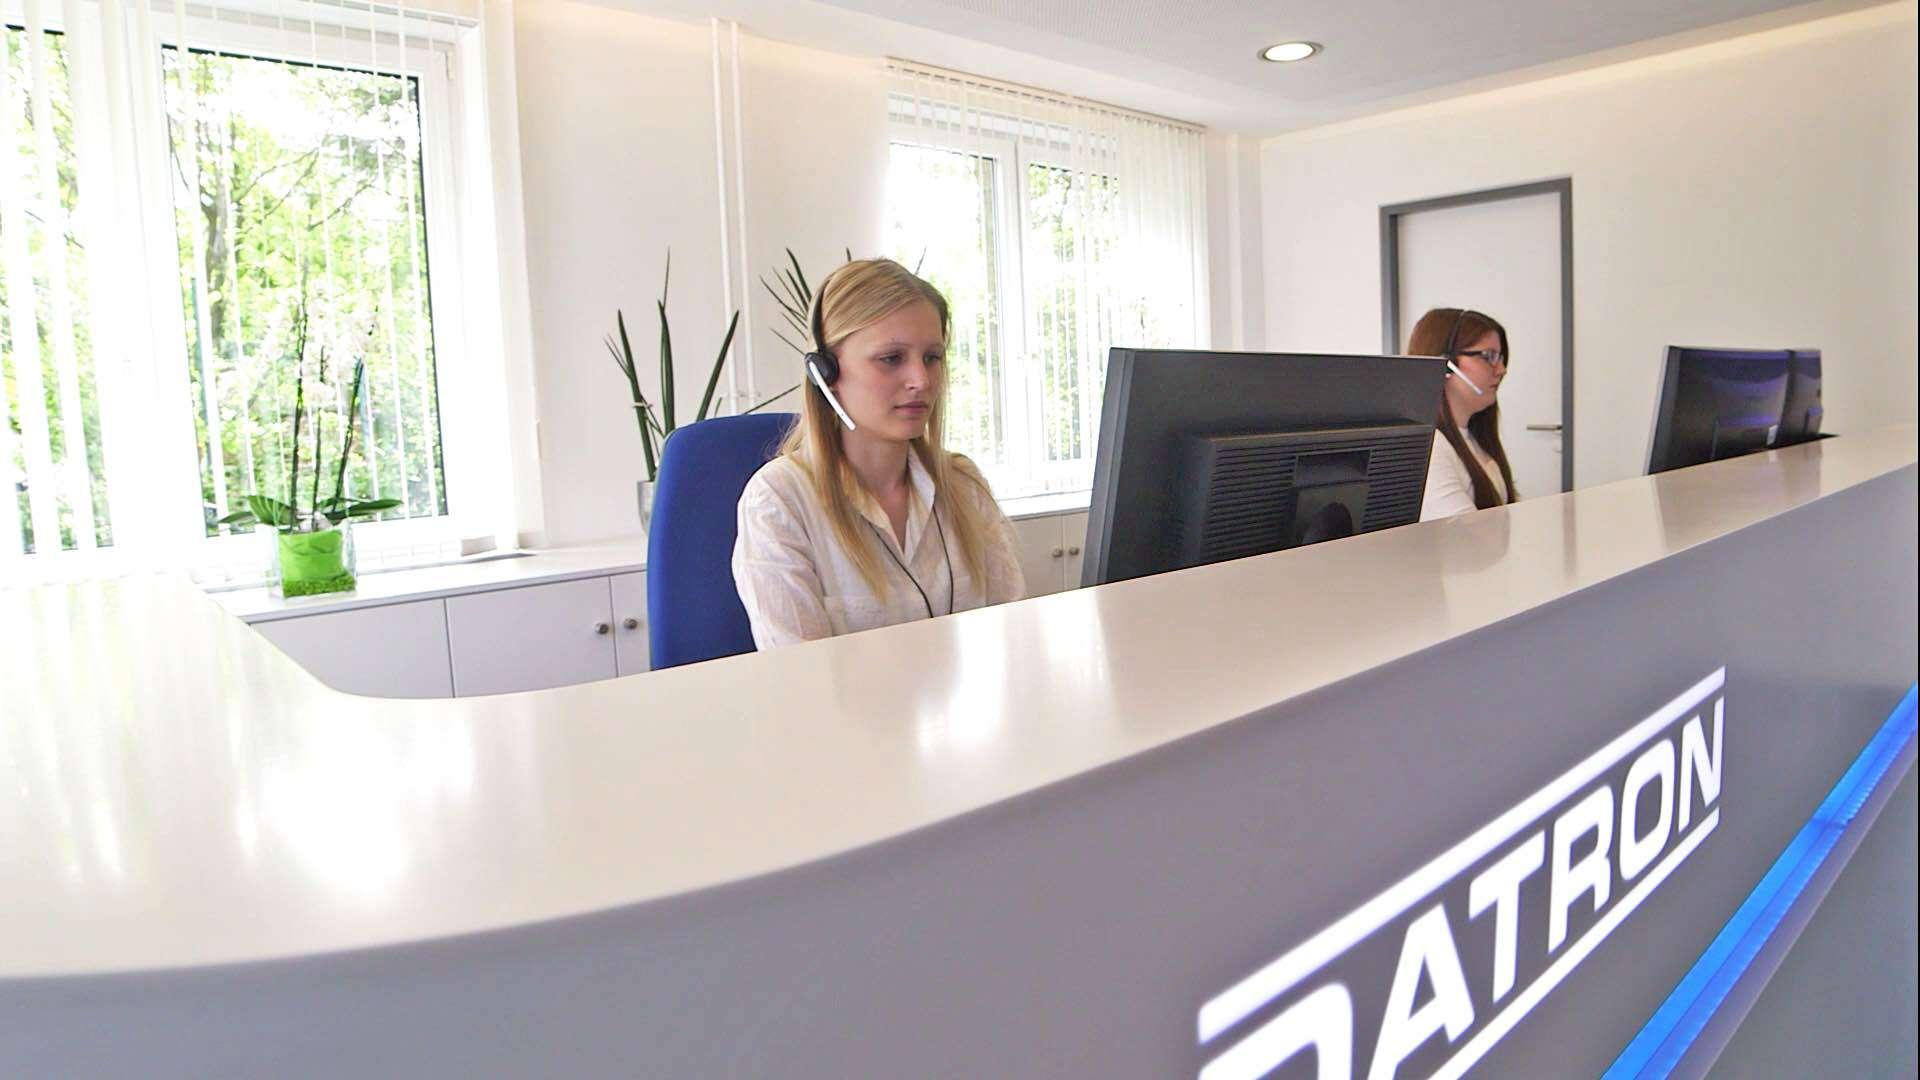 Zwei Mitarbeiterinnen des Unternehmens DATRON sitzen im Eingangsbereich der Firma und arbeiten an den Computern